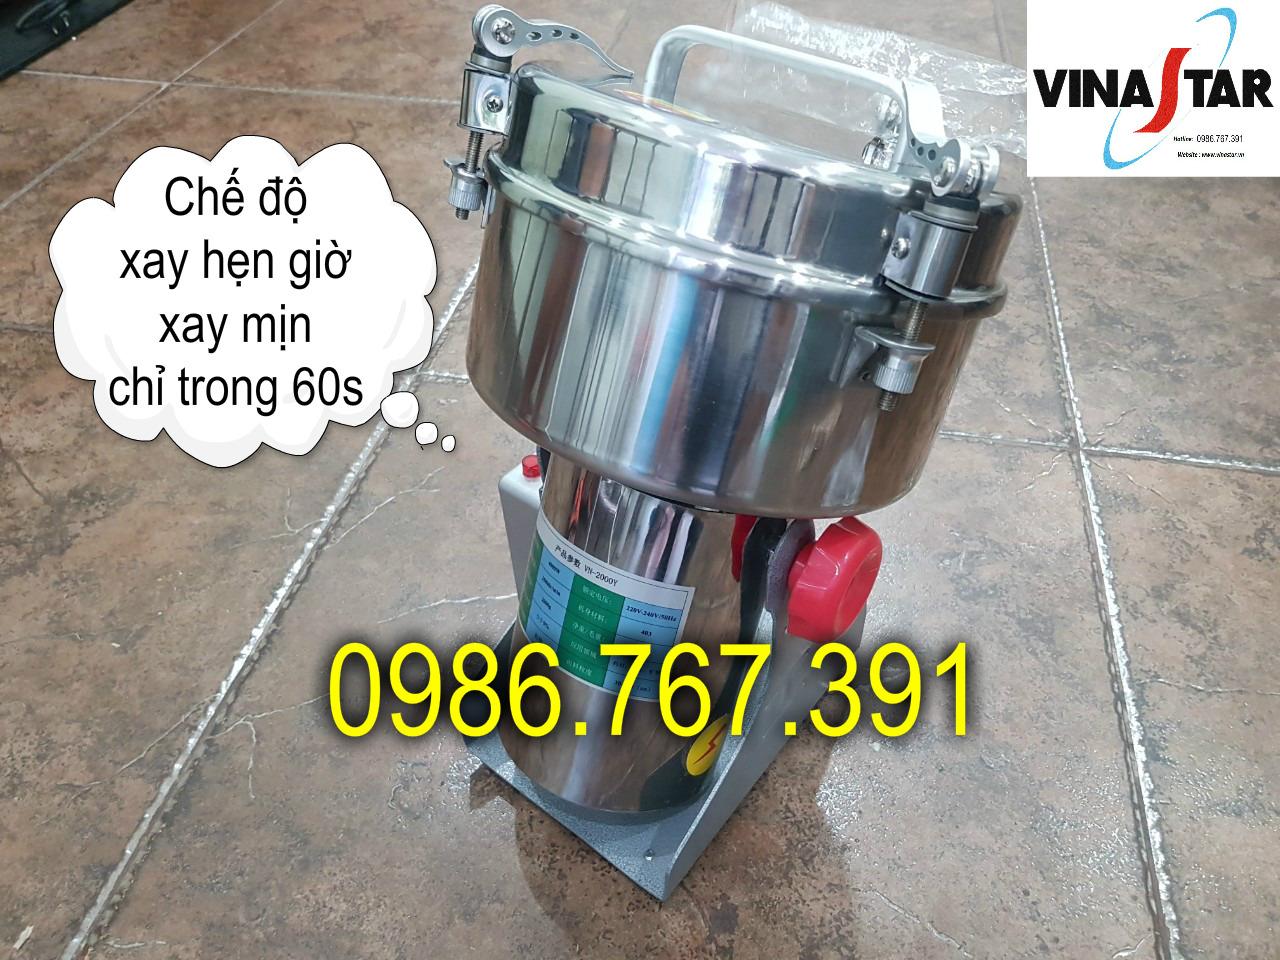 pizap.com15659230743954.jpg